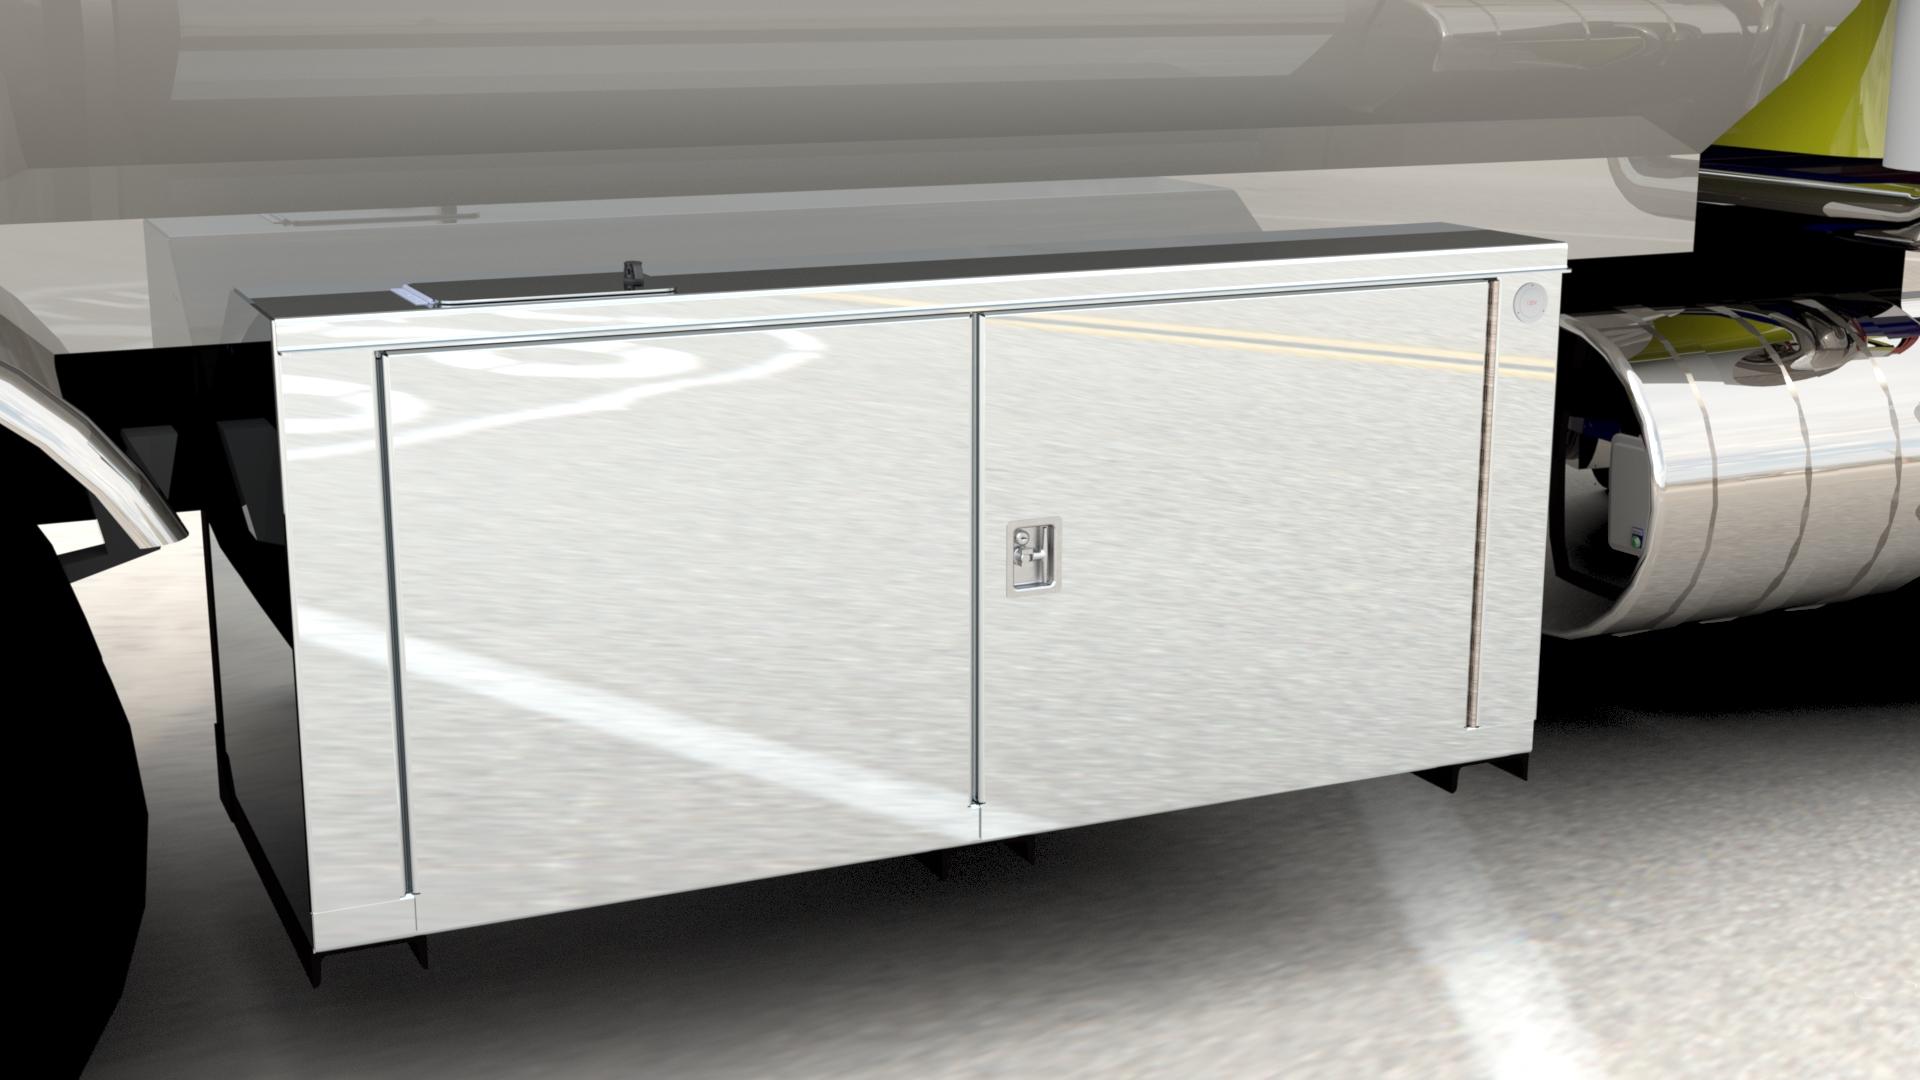 Kleerblue Diesel Exhaust Fluid Def Storage Tank And